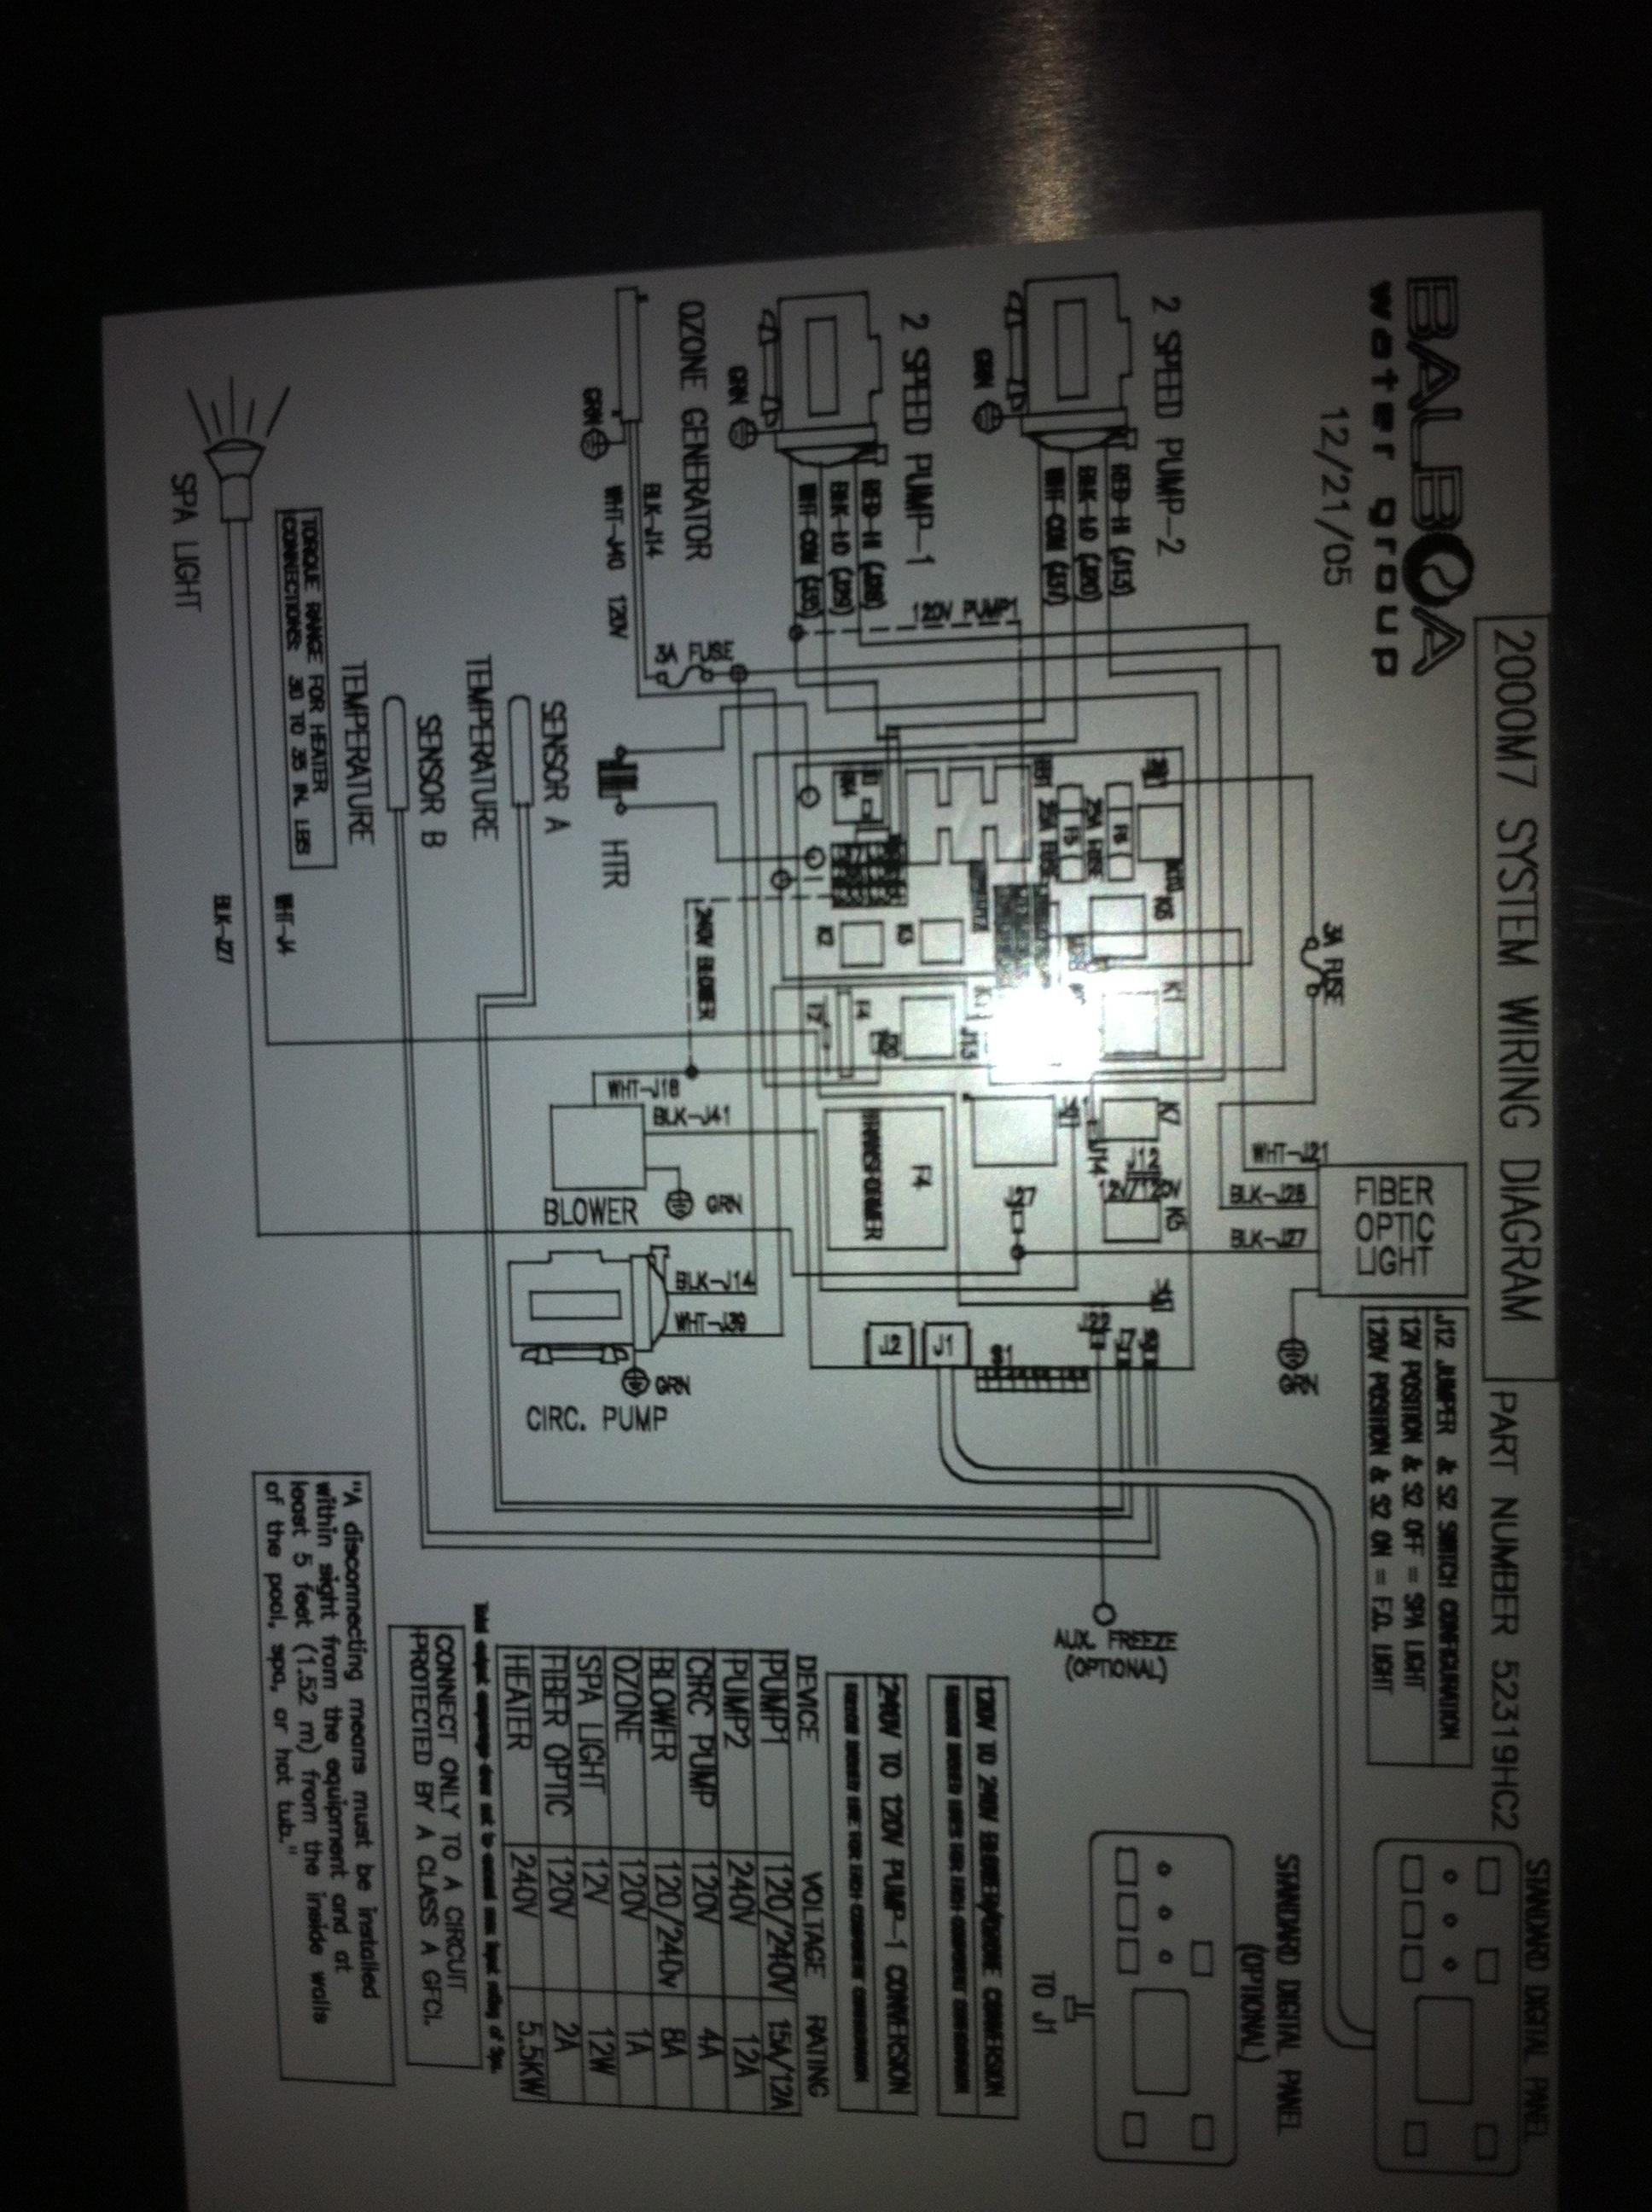 Balboa system not working proper on balboa heater, spa diagram, balboa schematic, balboa control diagram, balboa control panel,